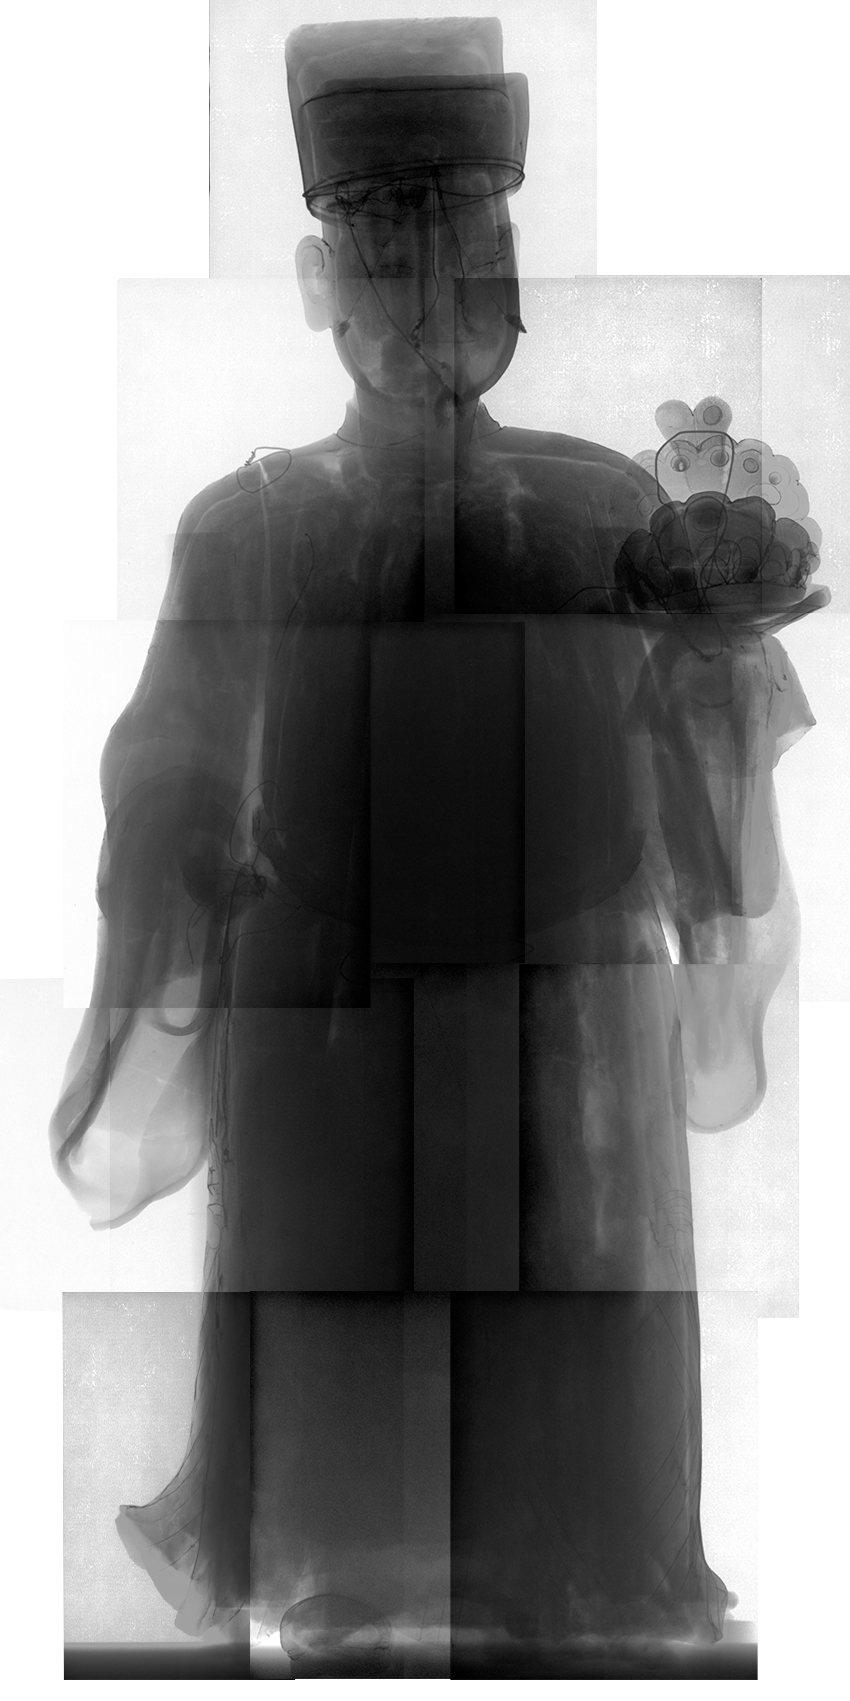 國寶交趾陶「加官」X光圖。圖/文資處提供